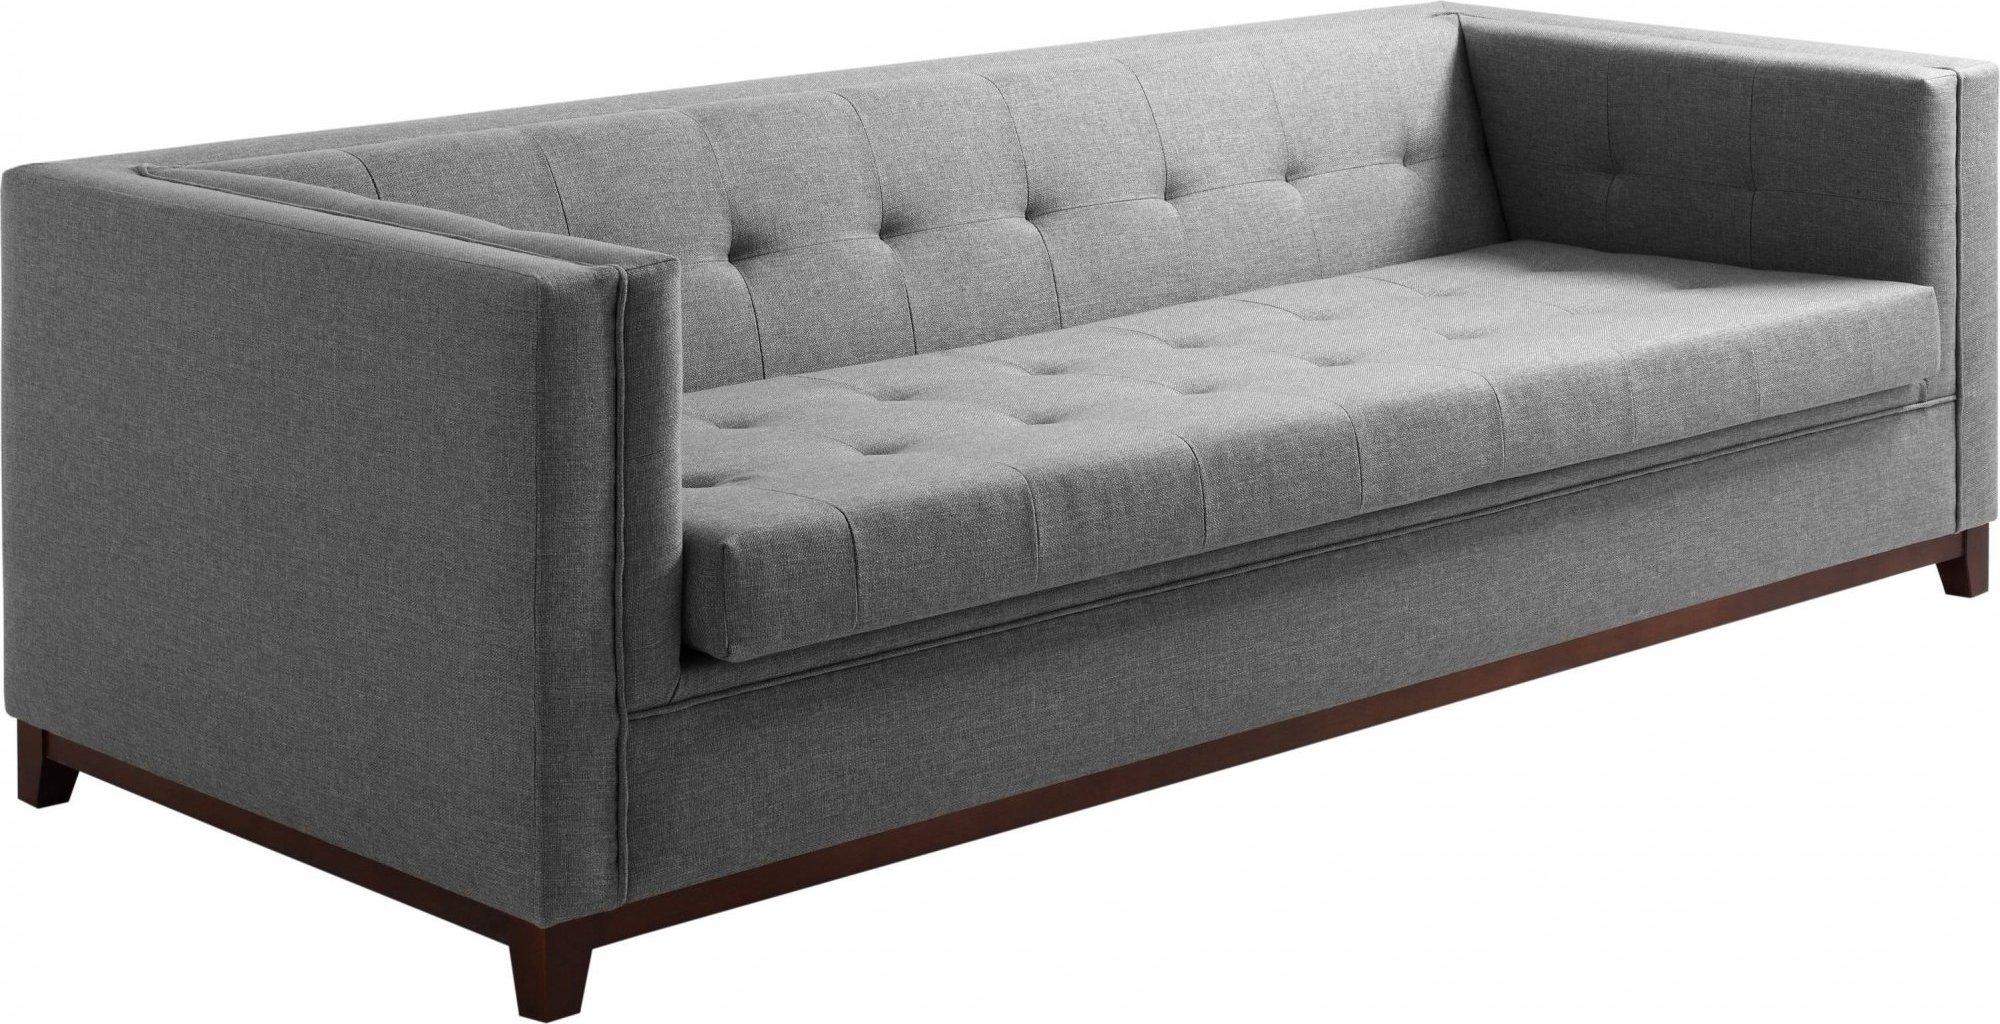 Canapé-lit tissu 3 places gris clair h44cm